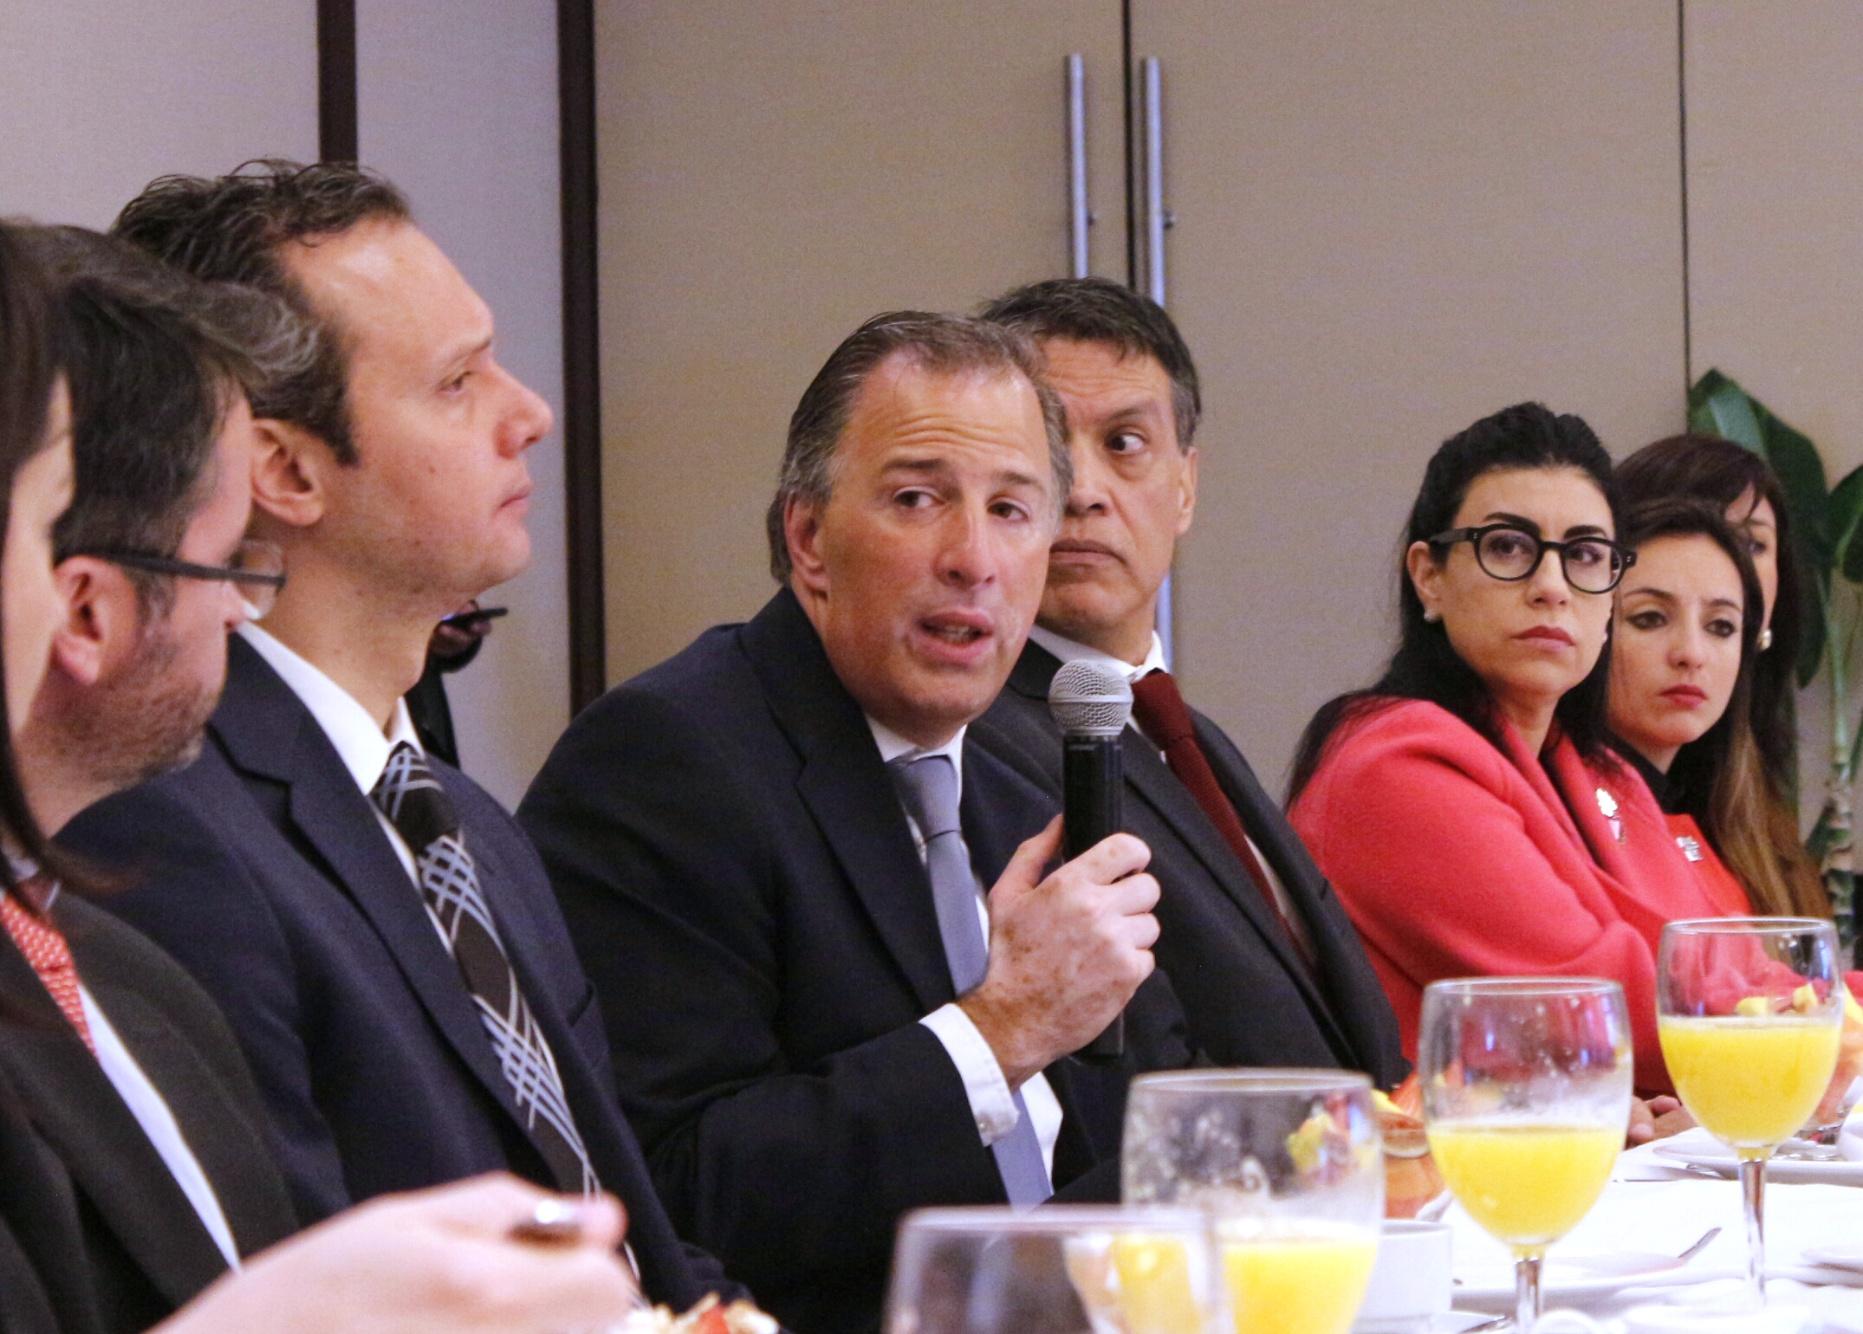 El secretario de Desarrollo Social se reunió con egresados mexicanos de The London School of Economics and Political Science